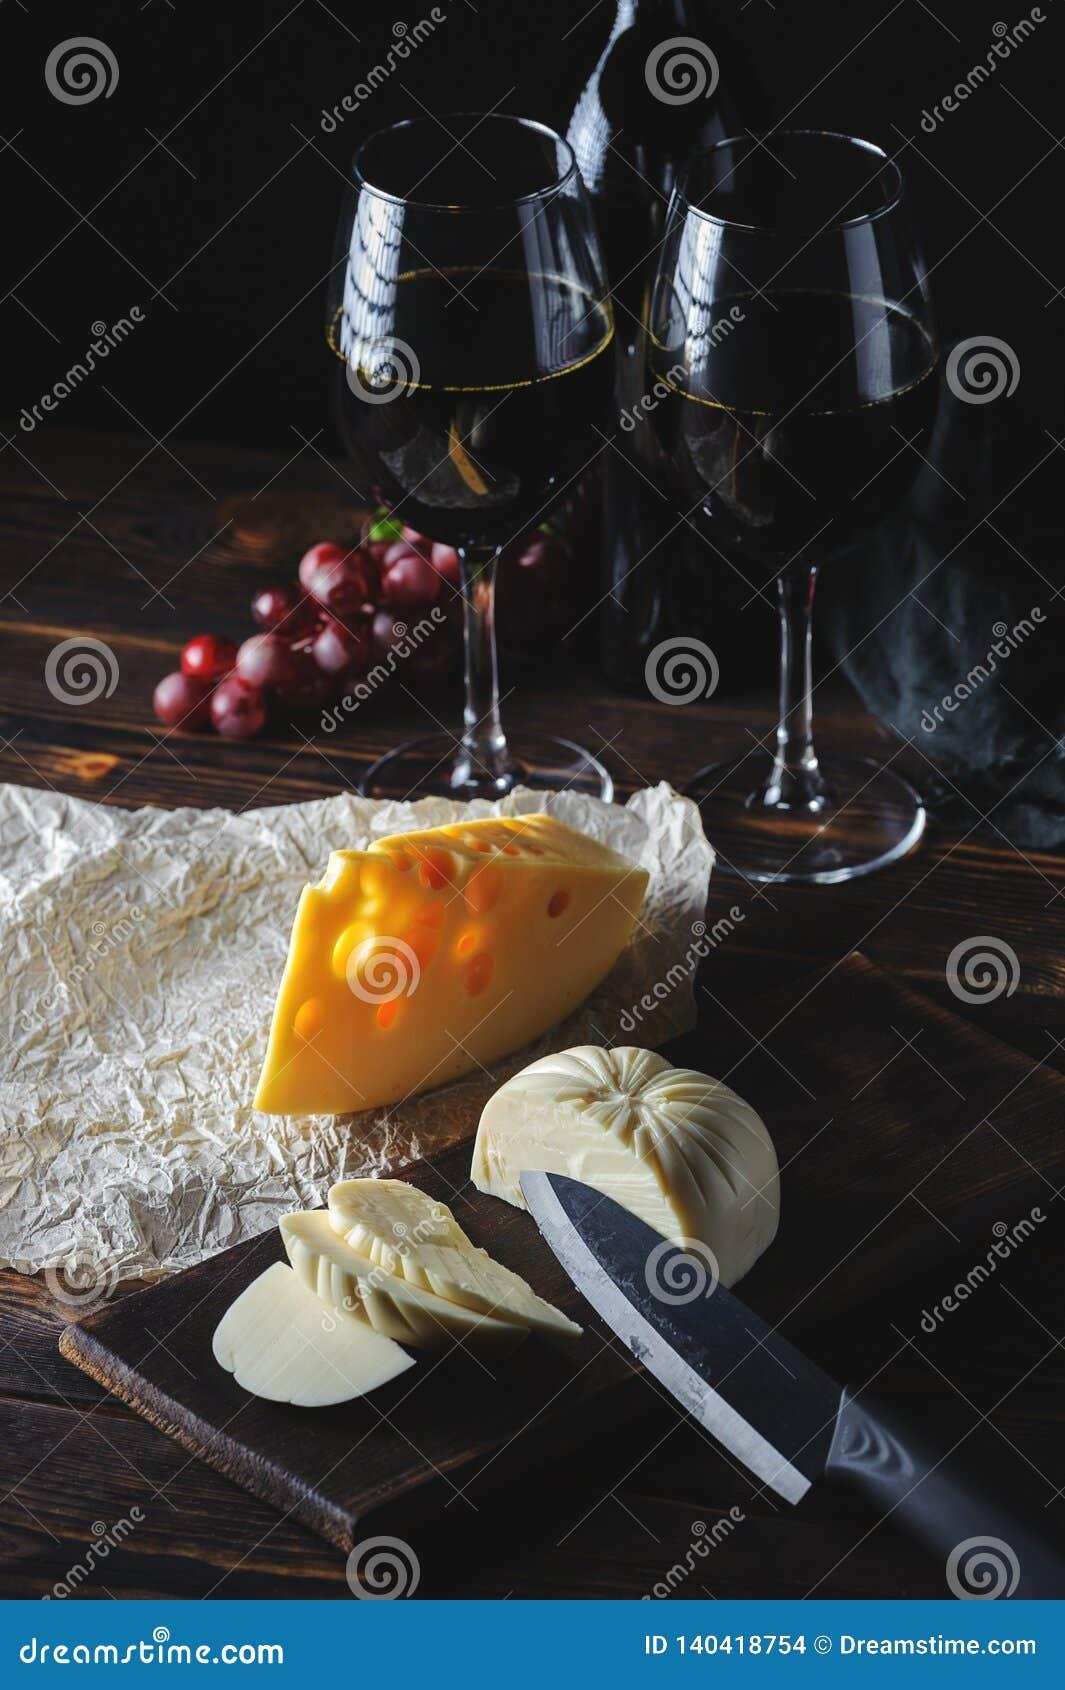 Τα χέρια κόβουν το τυρί στο κρασί